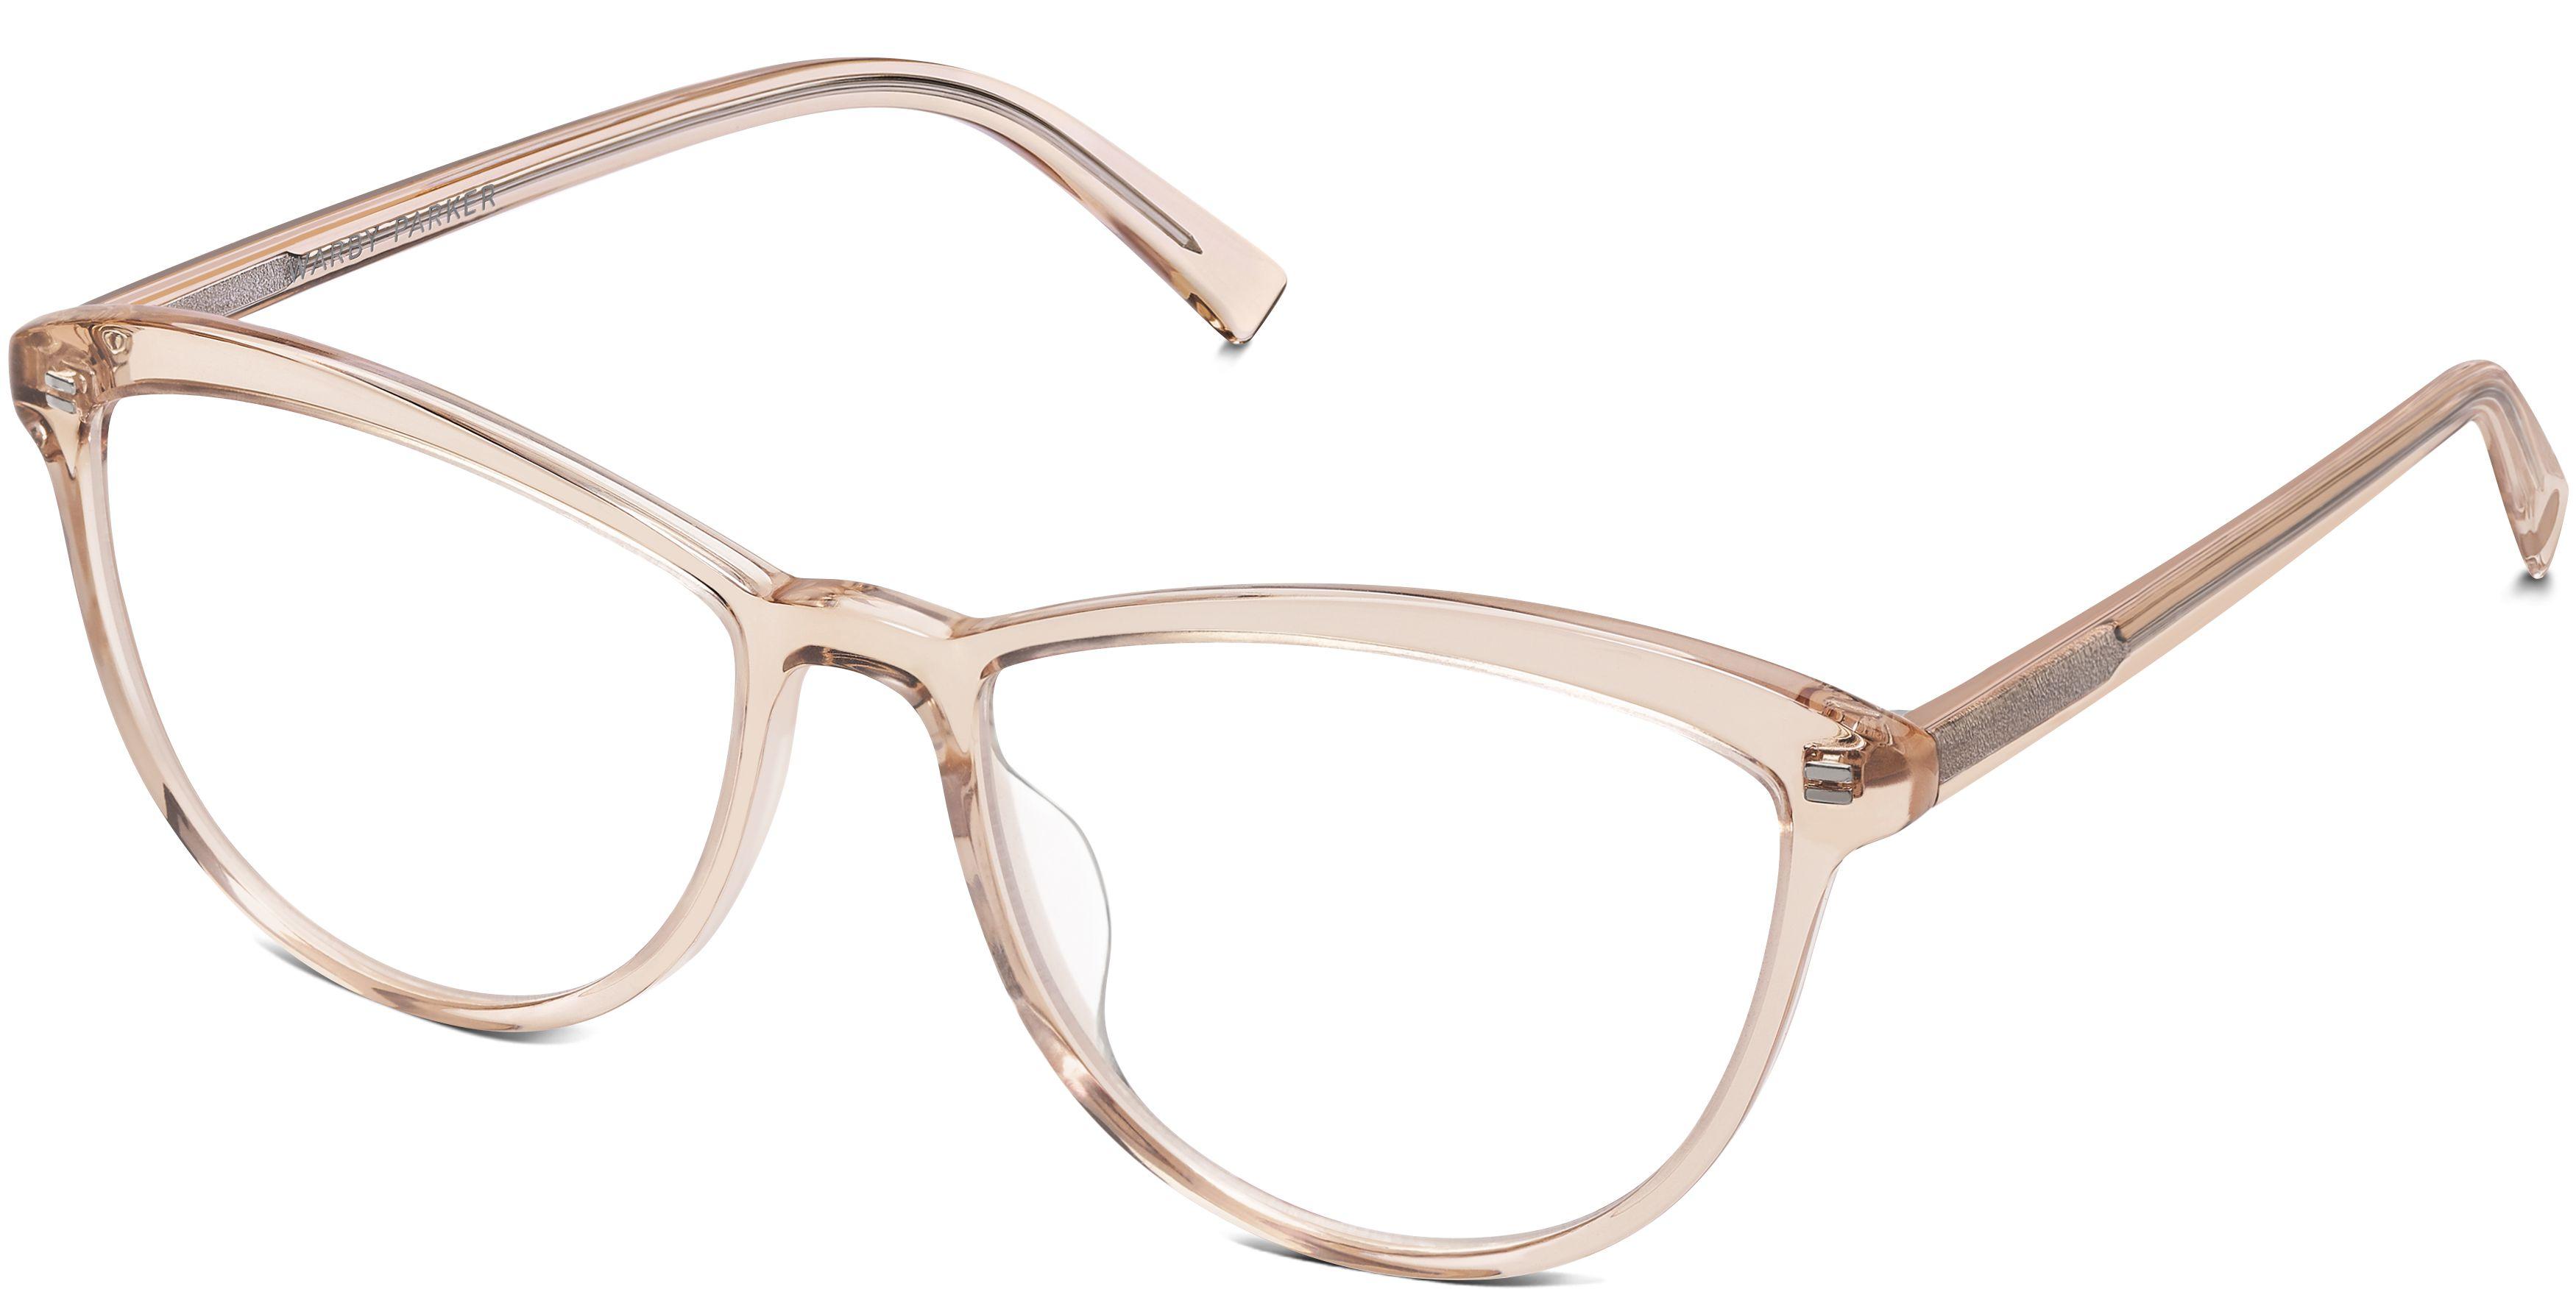 Louise Wide Eyeglasses in Elderflower Crystal for Women | Warby Parker